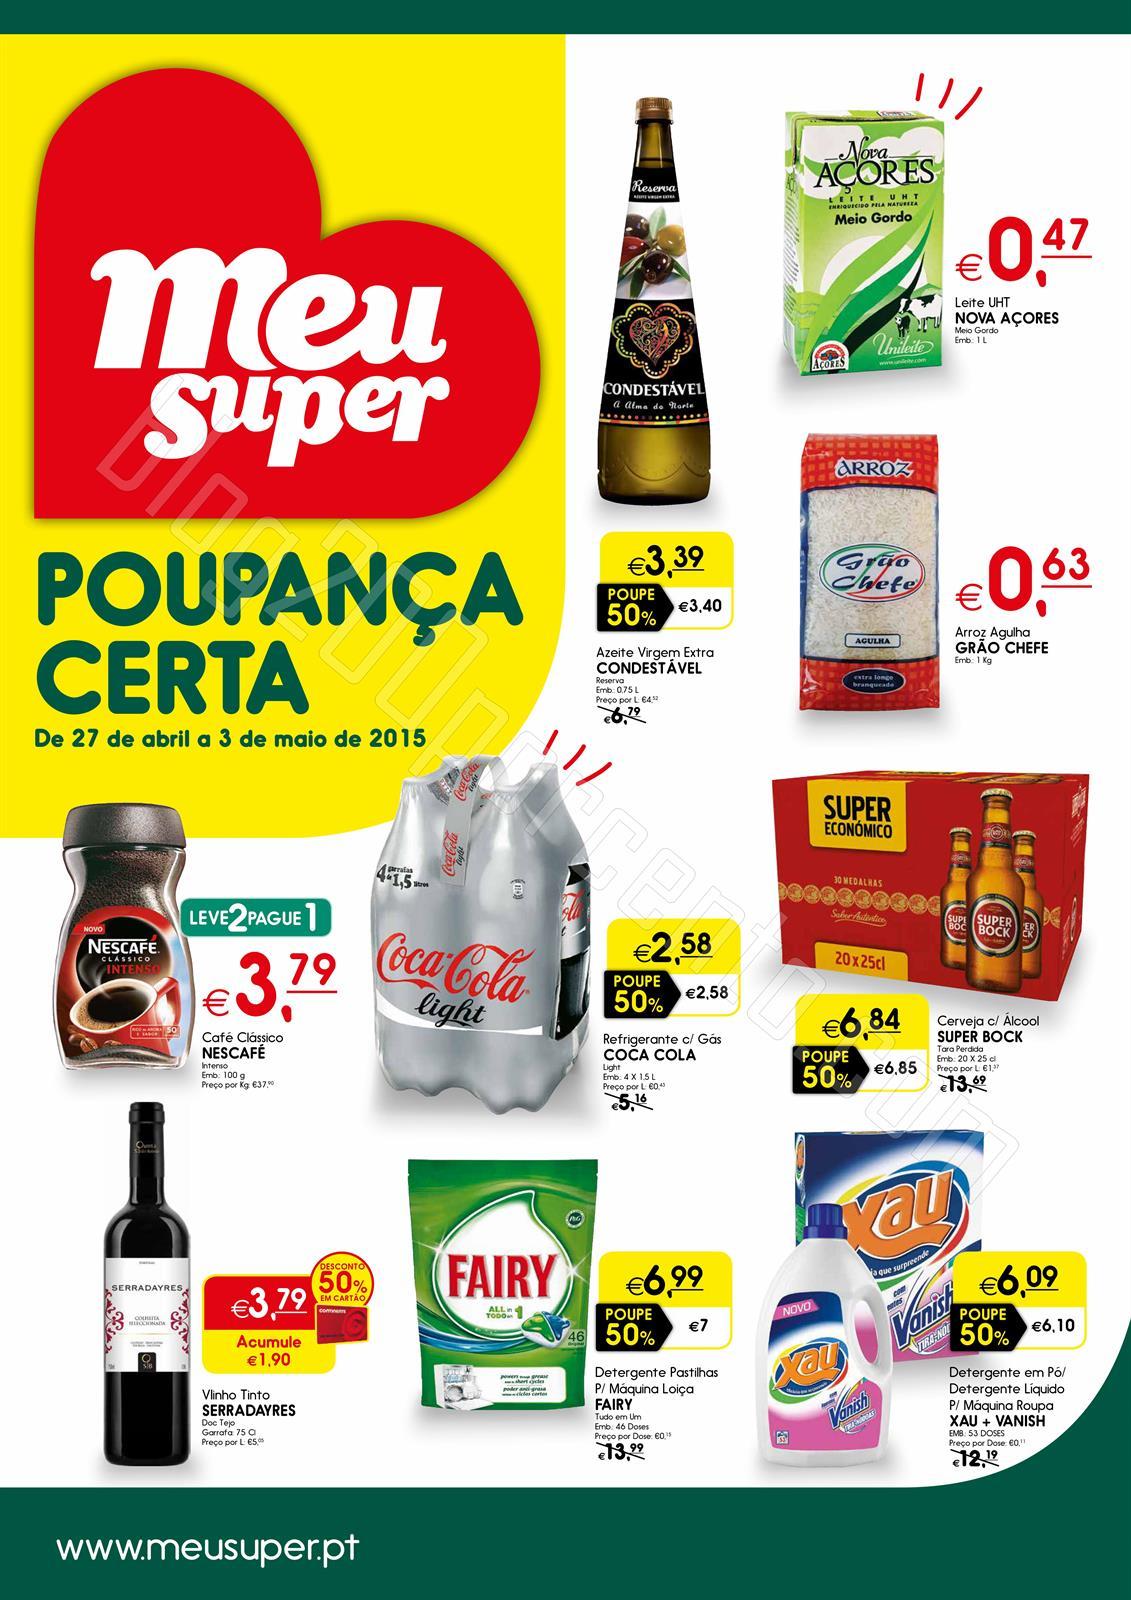 Novo Folheto MEU SUPER Promoções de 27 abril a 3